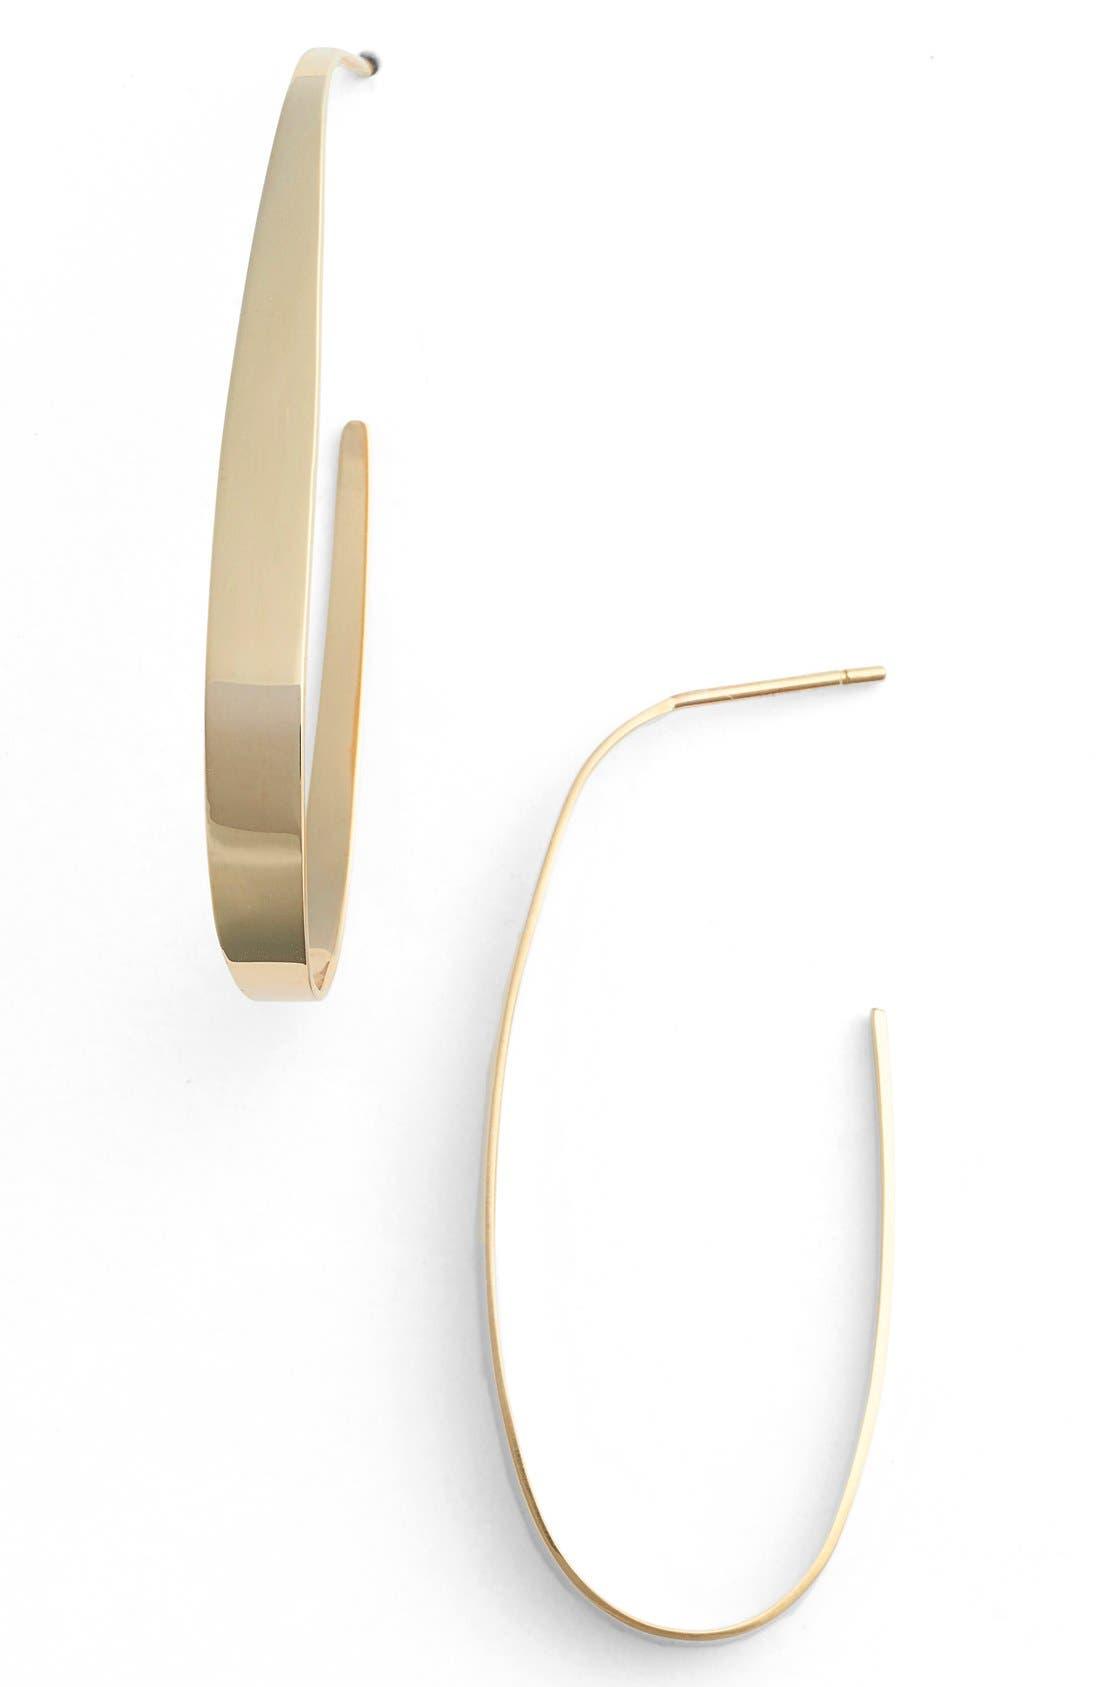 Oval Hoop Earrings,                             Main thumbnail 1, color,                             710